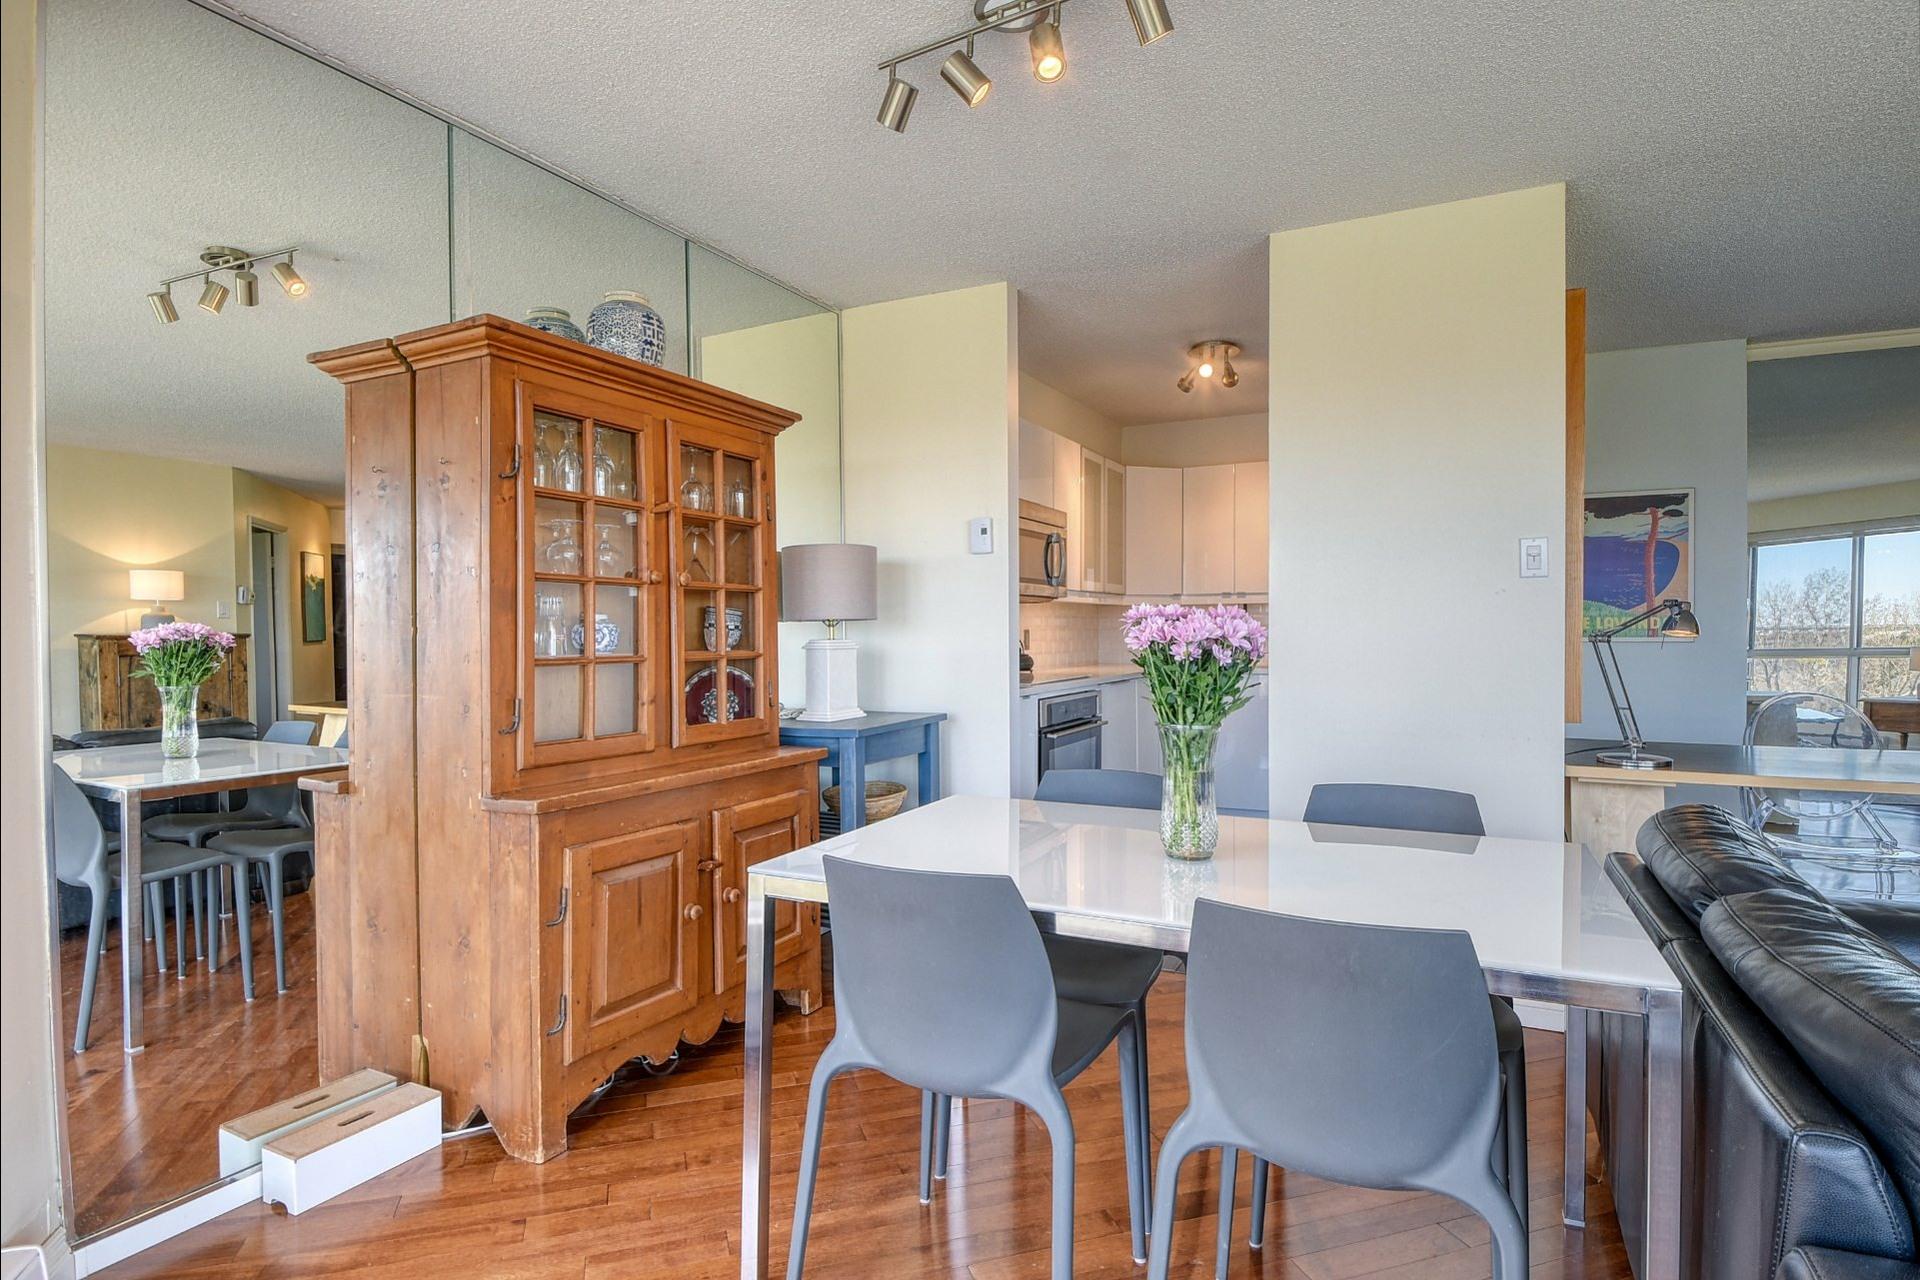 image 5 - Appartement À vendre Verdun/Île-des-Soeurs Montréal  - 4 pièces